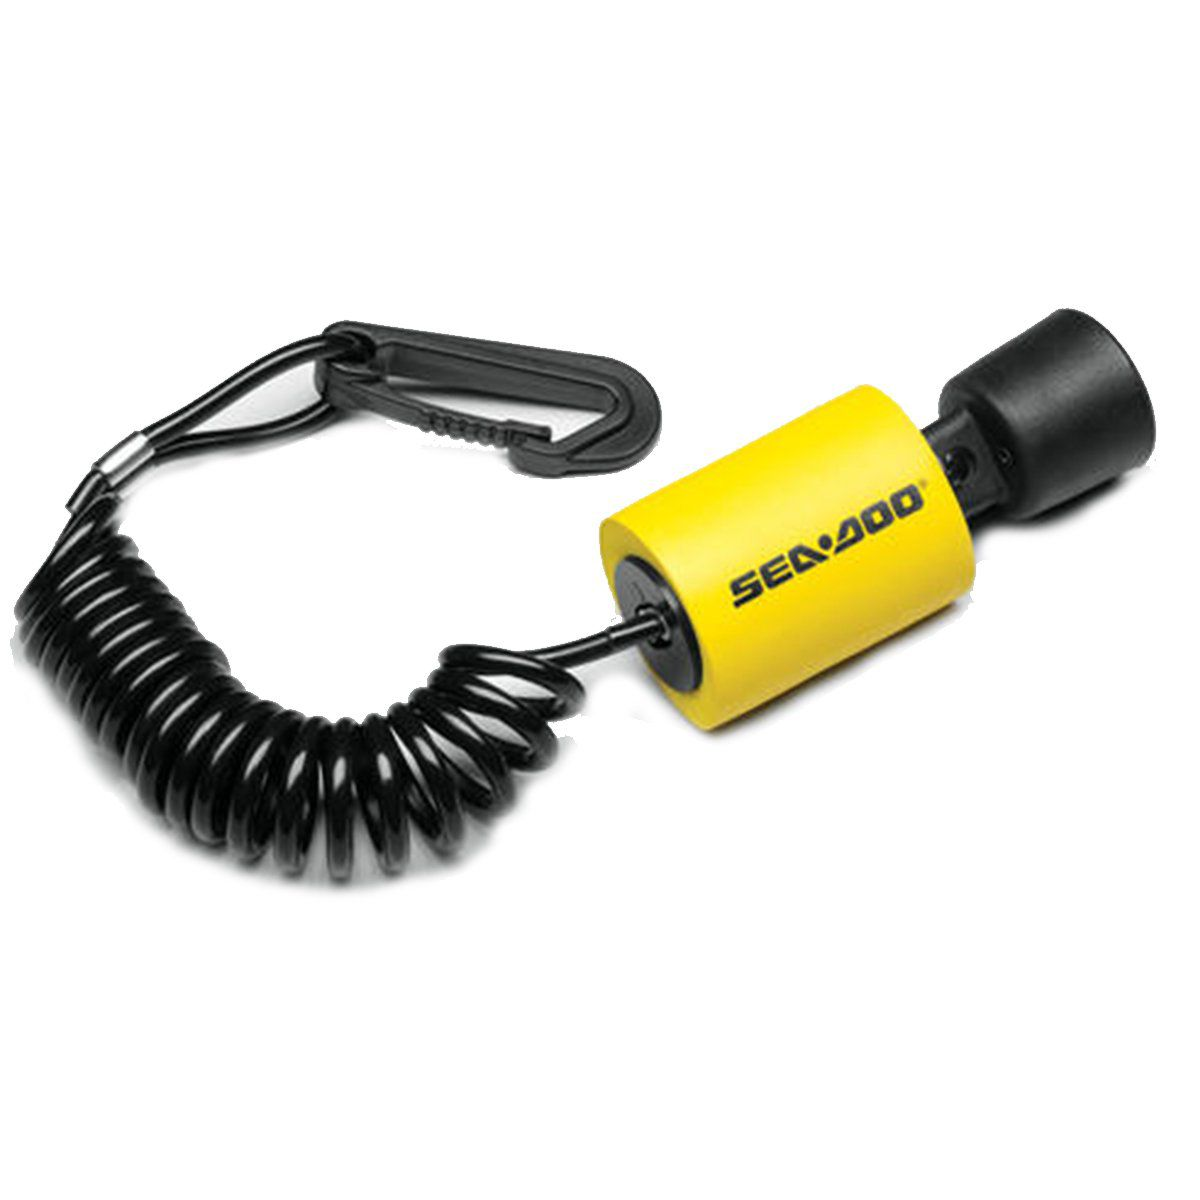 Cordão Segurança Codificado Amarelo - Sea-Doo